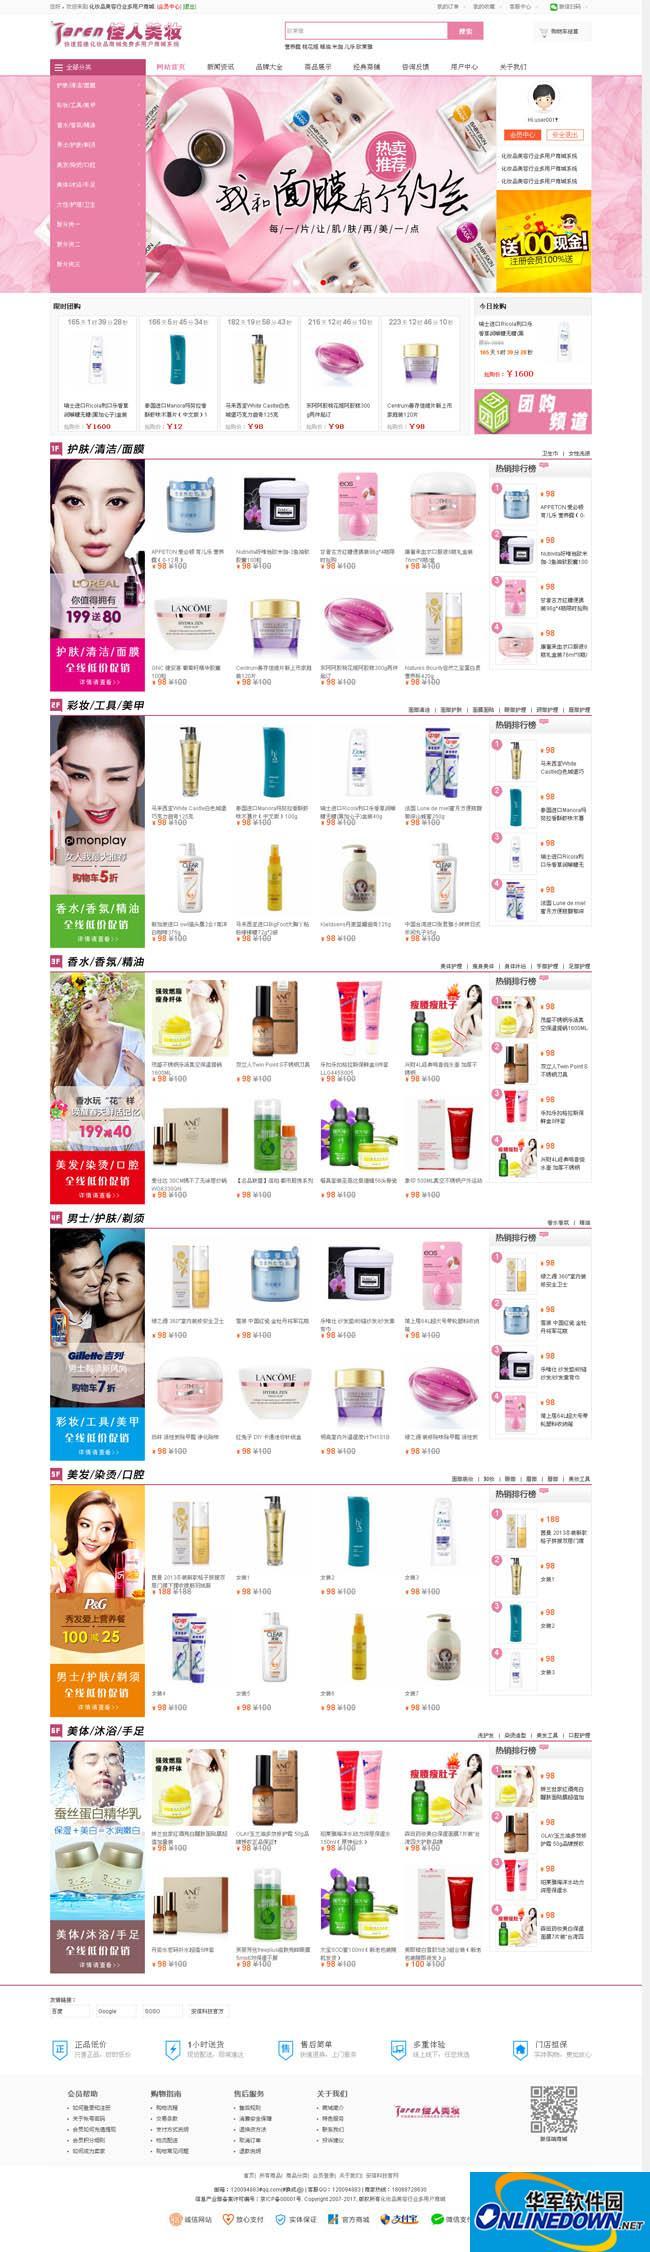 化妆美容行业多用户商城